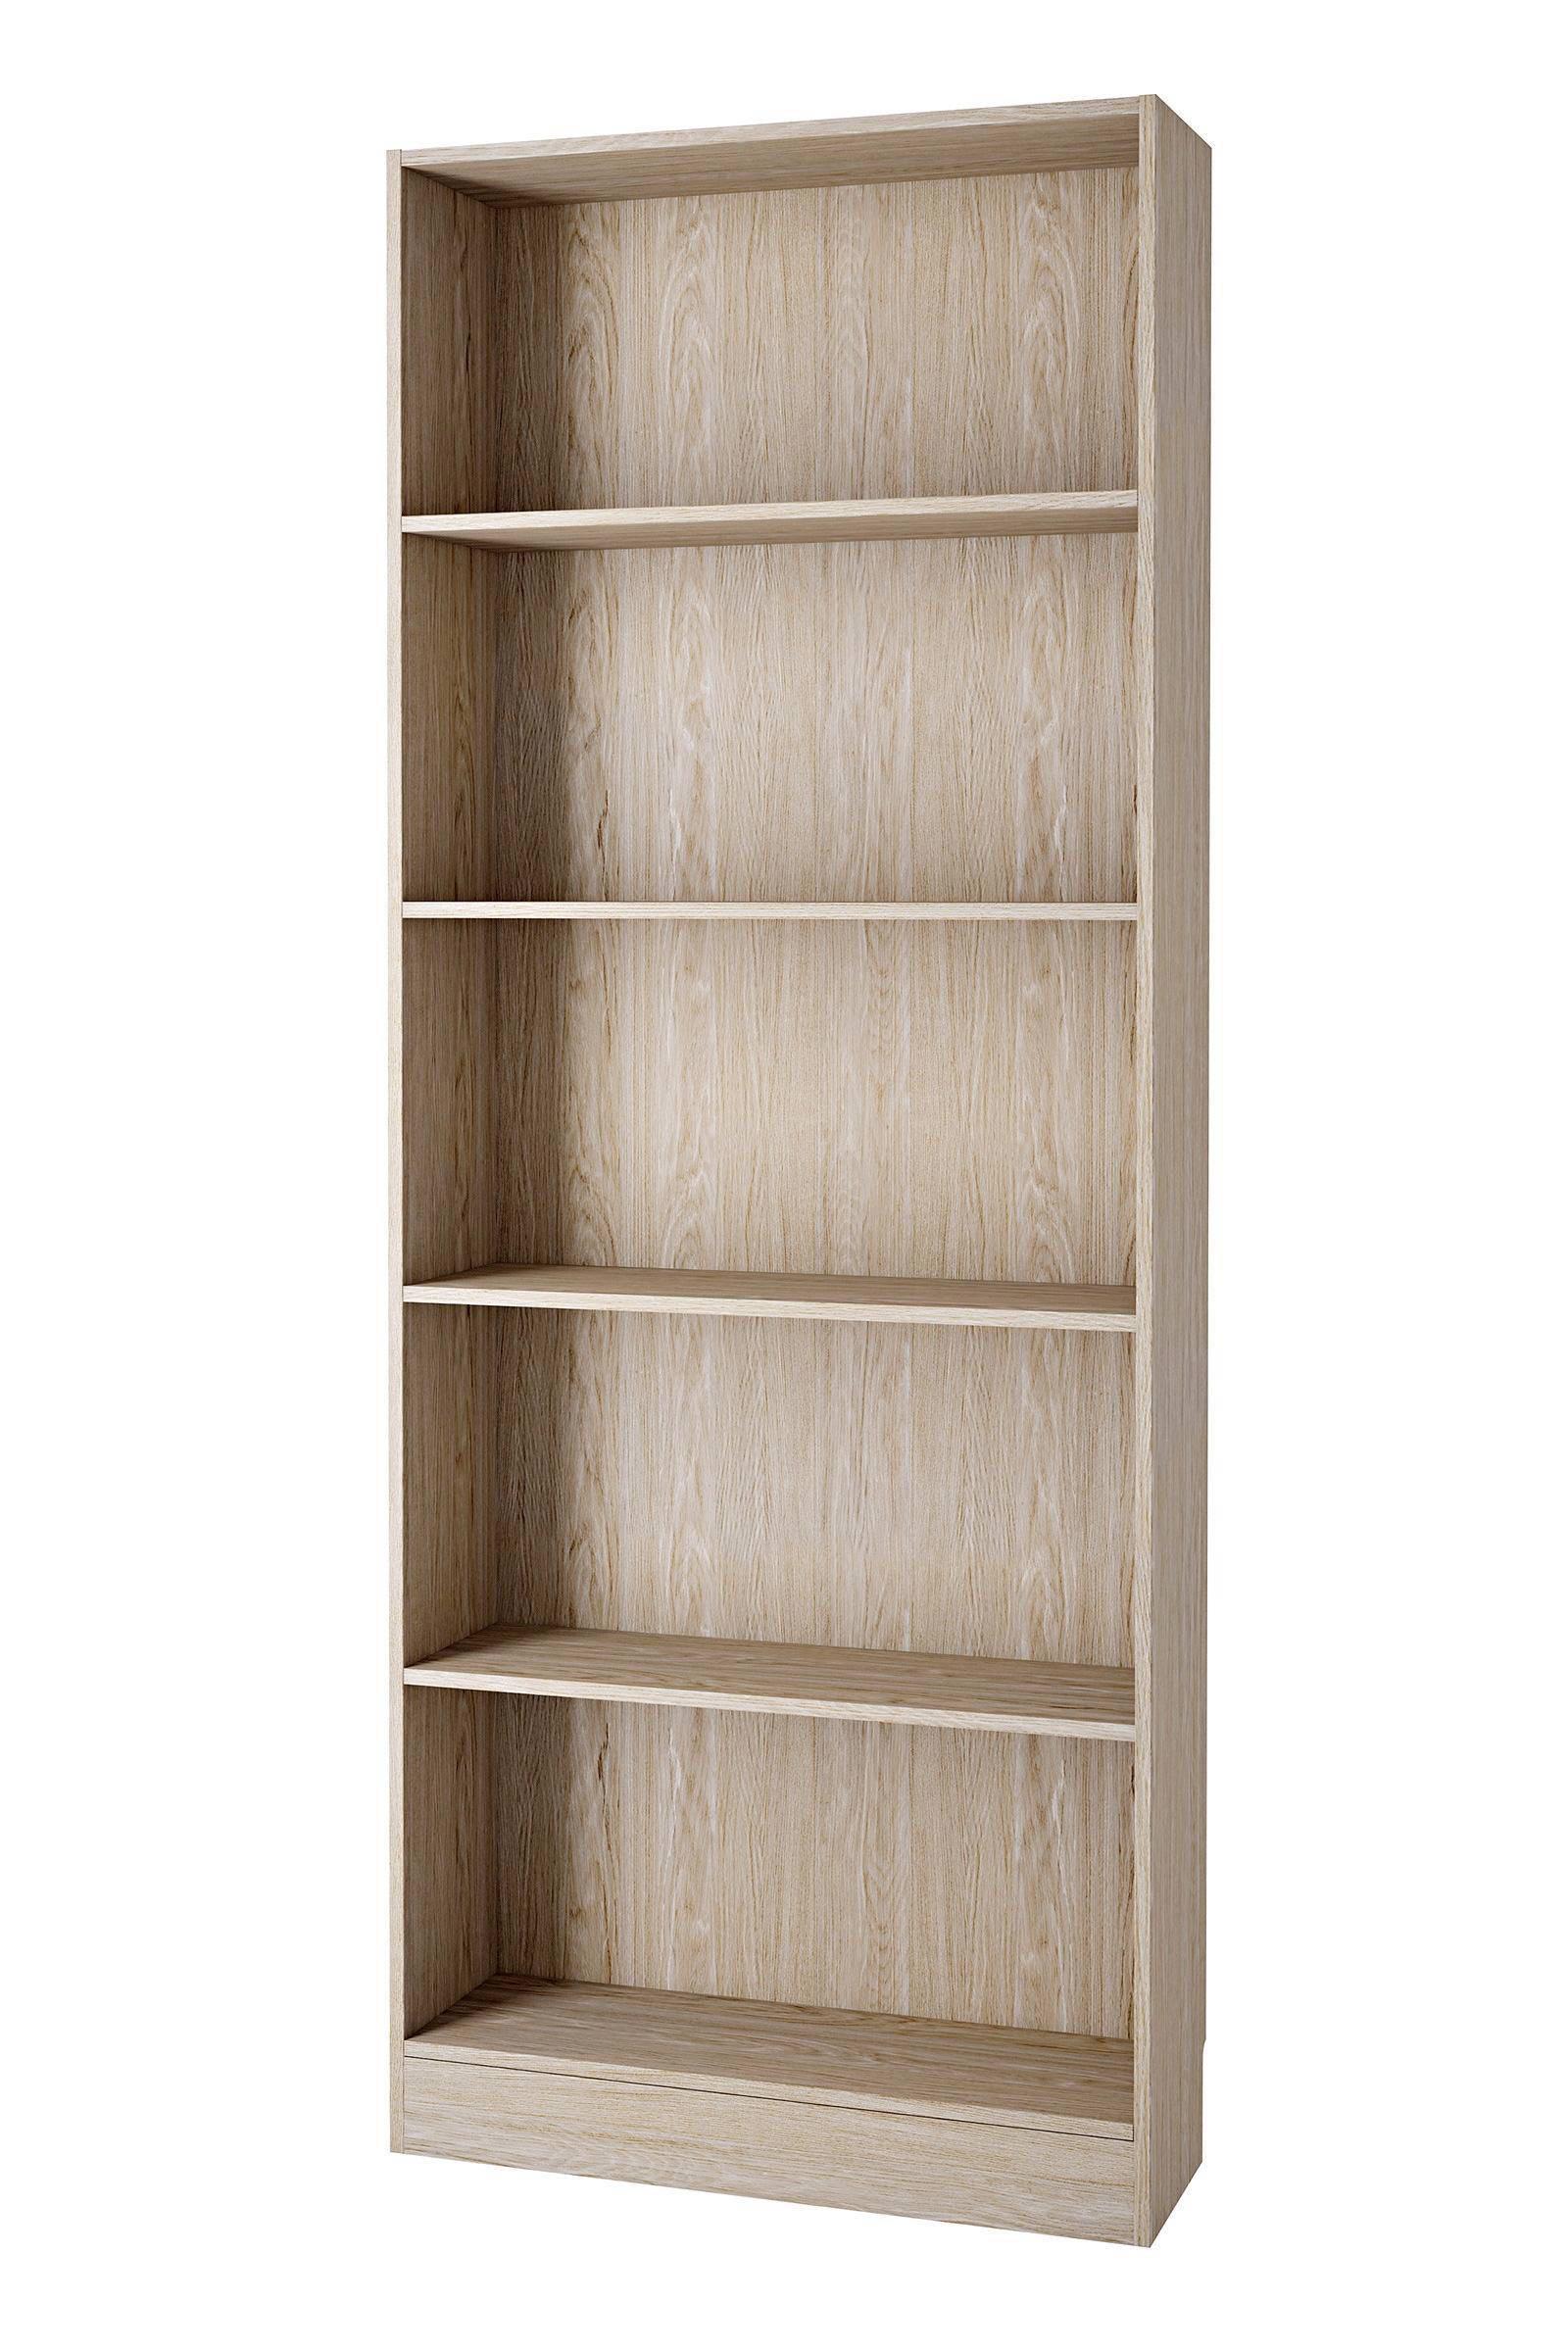 boekenkasten bij wehkamp gratis bezorging vanaf 20